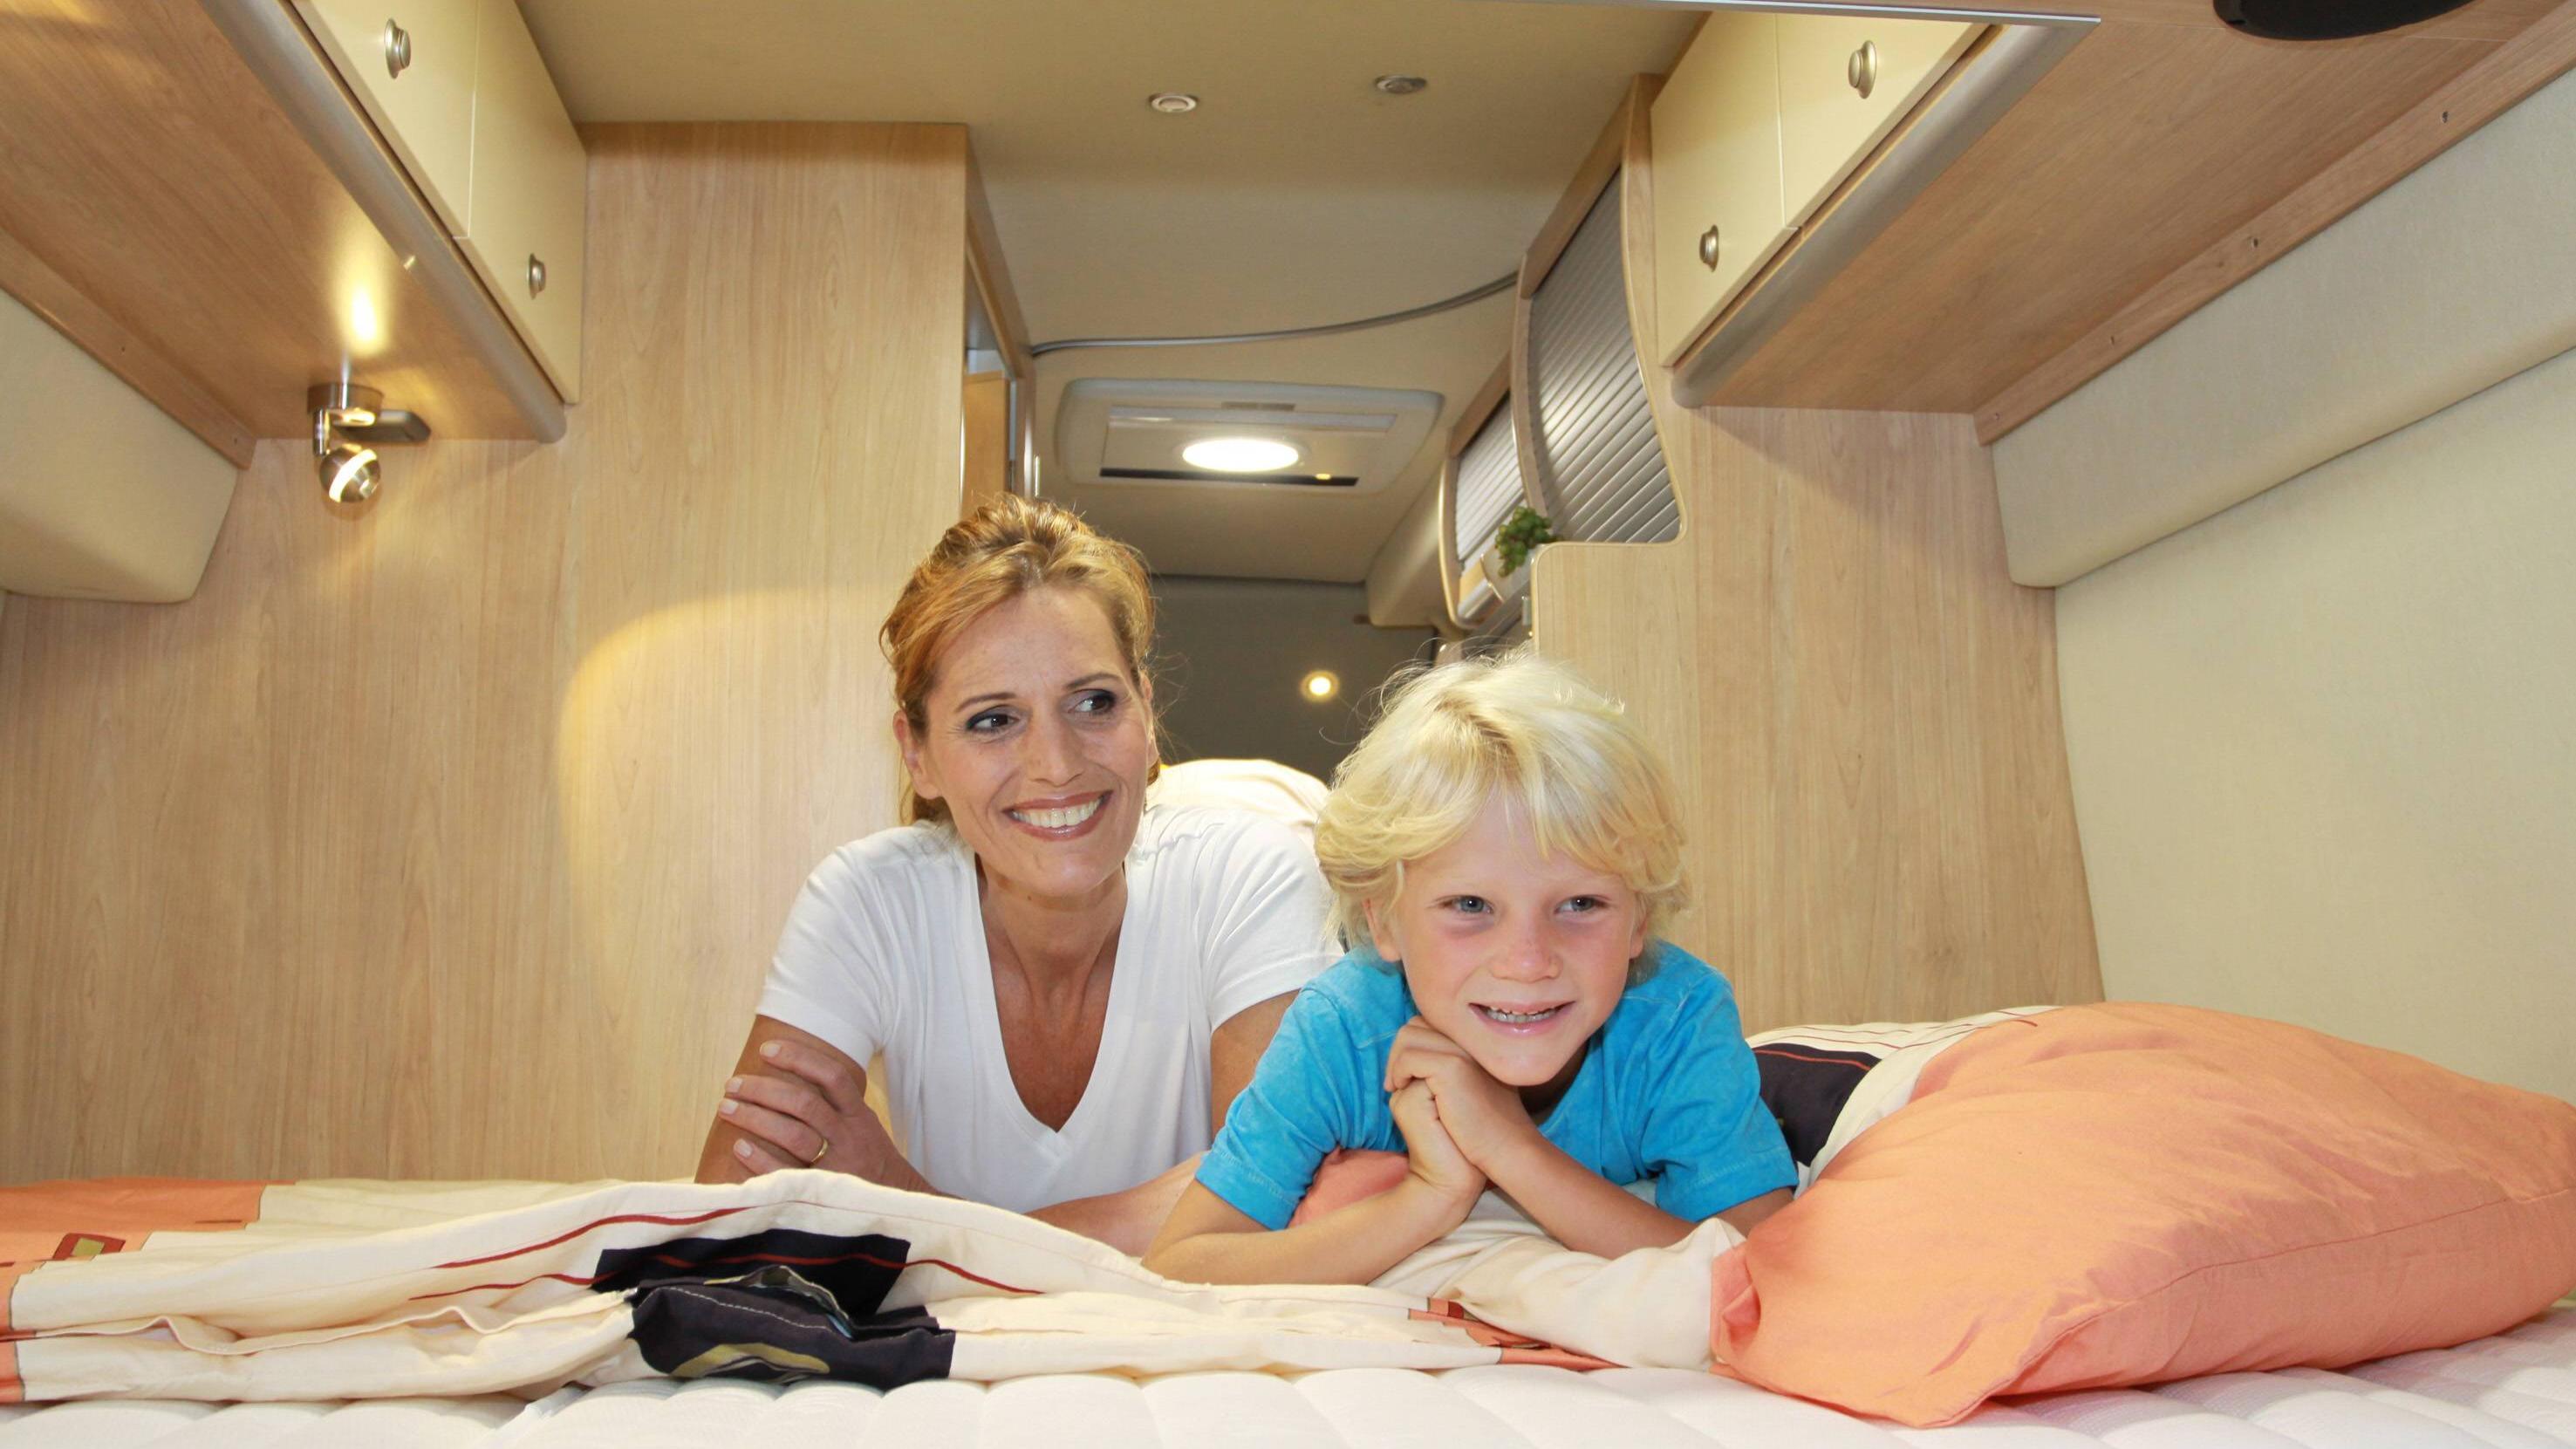 Urlaub im Wohnmobil mit Kind: Die besten Tipps